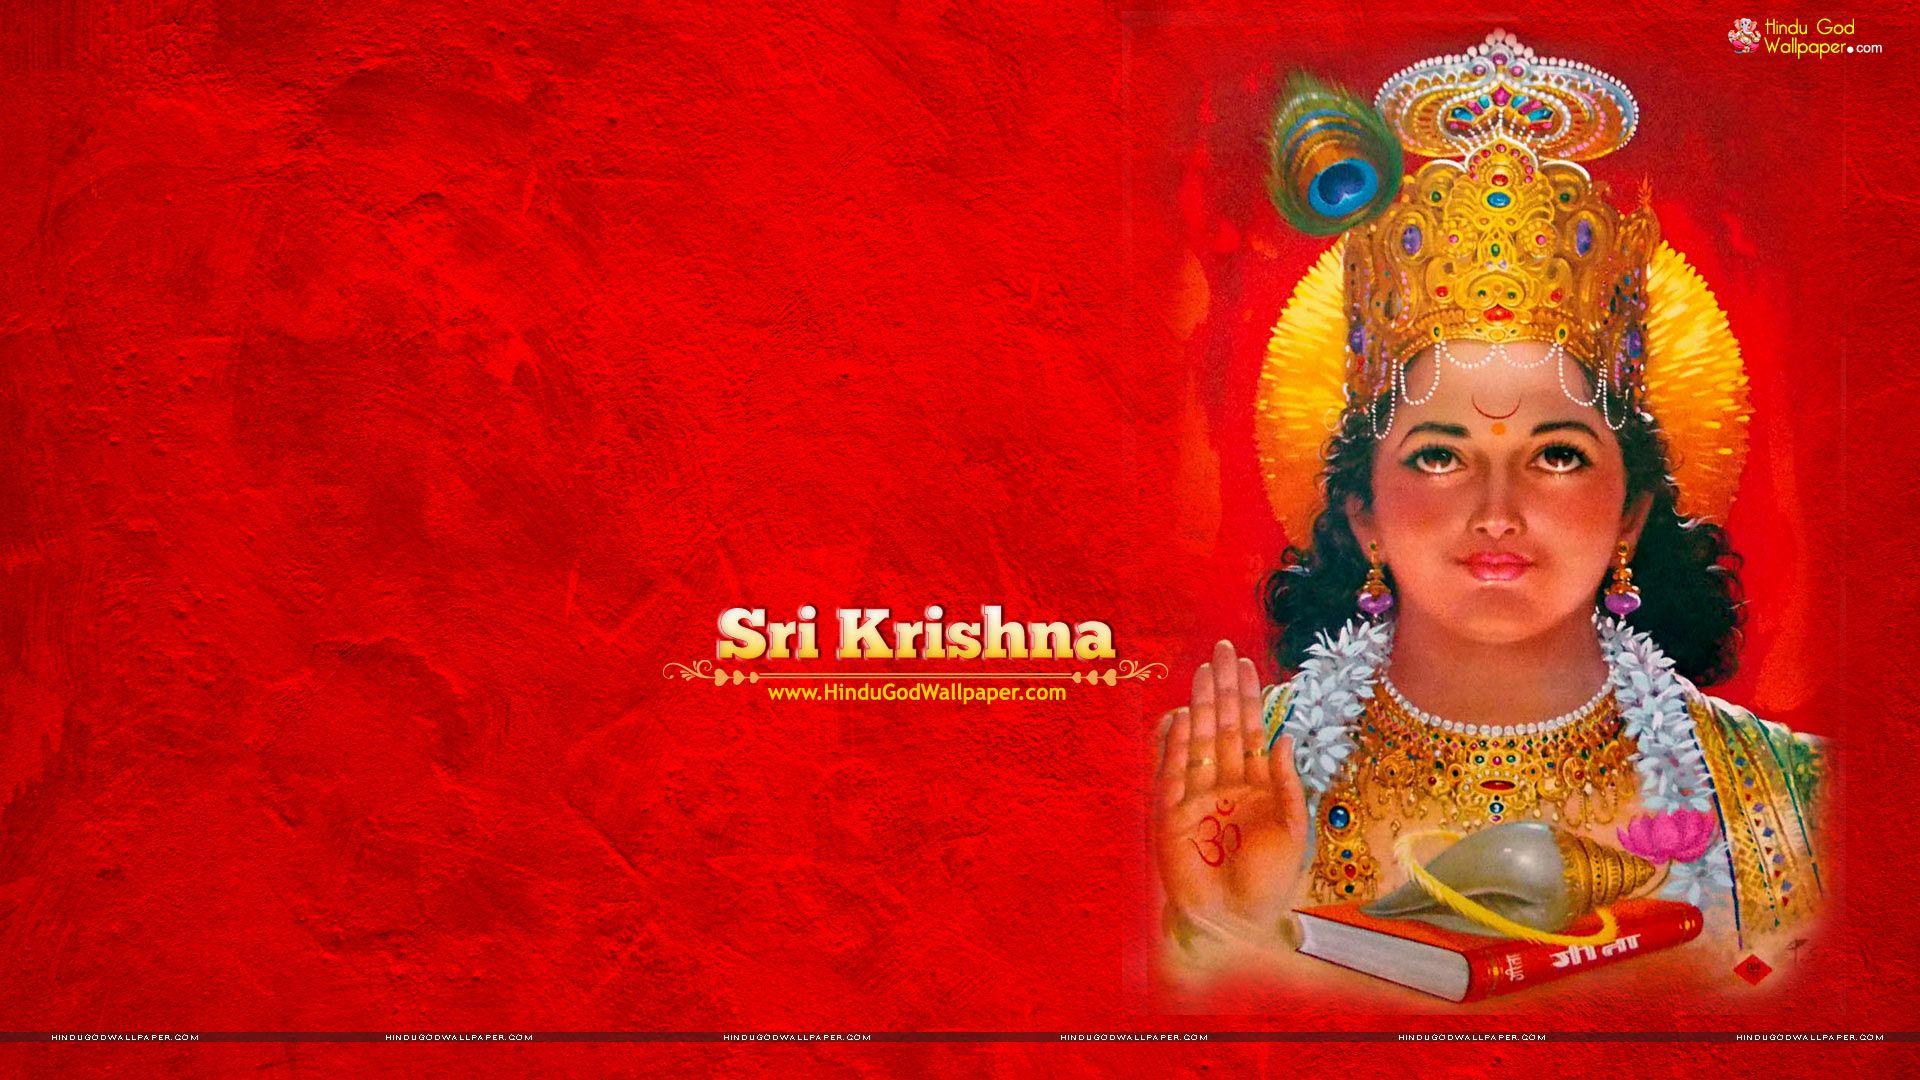 Krishna Hd Wallpapers Full Size: Krishna Wallpaper 1920x1080 HD Full Size Download